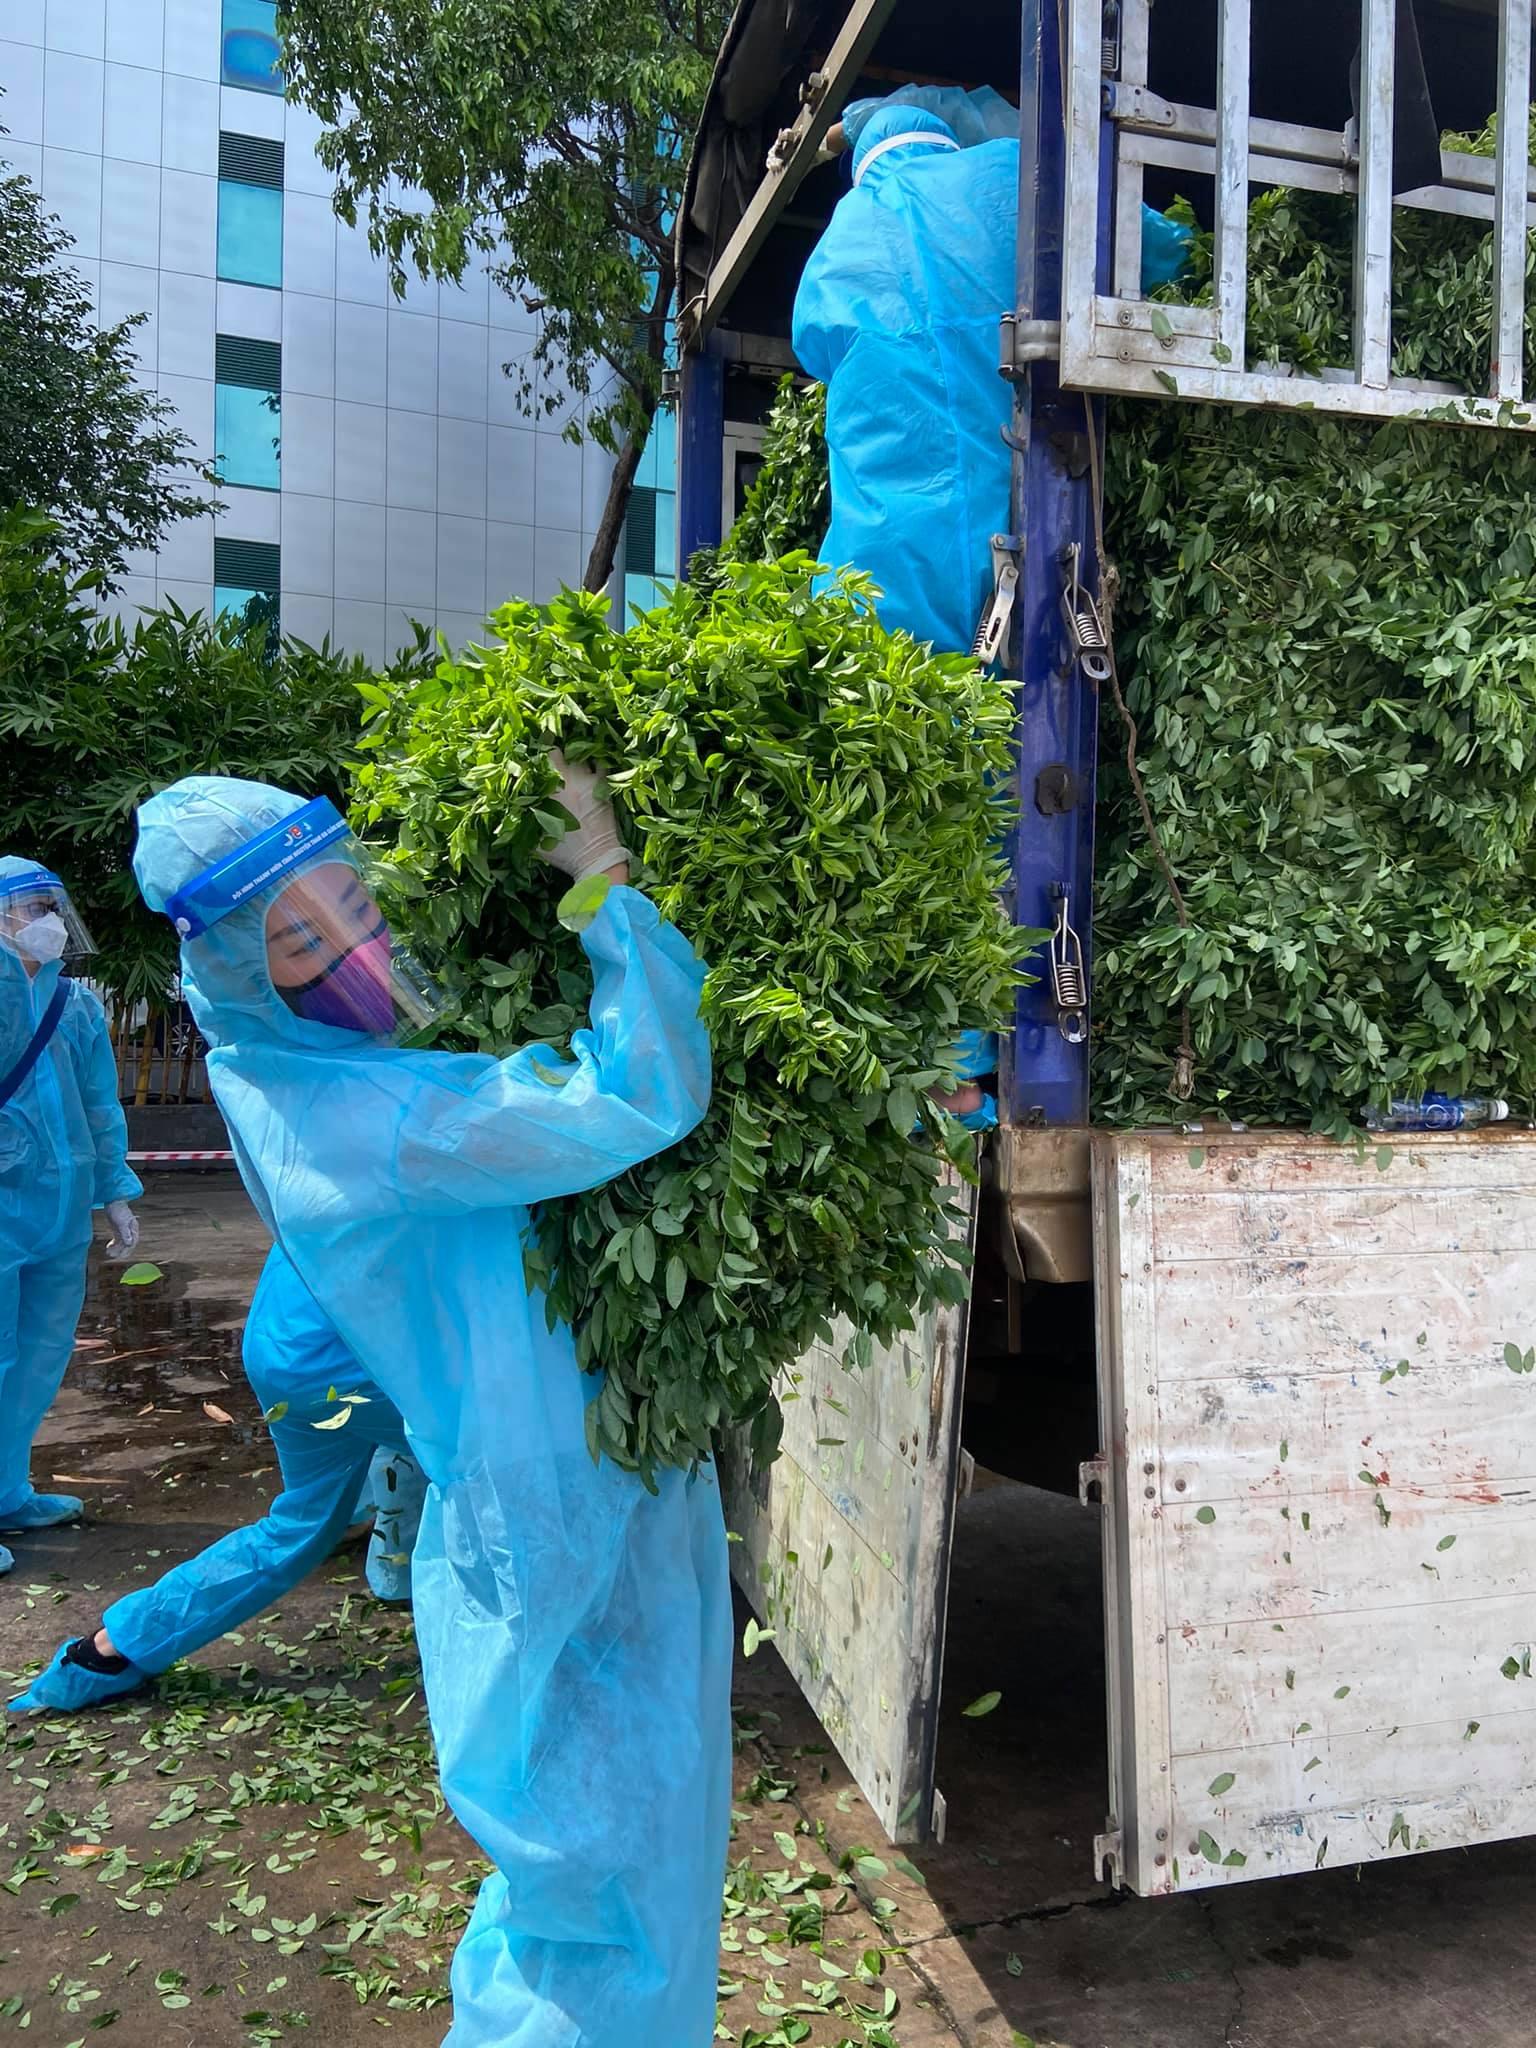 Trong ngày, Khánh Vân và các người đẹp đã vận chuyển được 1,5 tấn rau củ. Đây là khoảng thời gian khó khăn của tất cả chúng ta, Cả nhà cùng nhau cố gắng và giữ gìn sức khỏe nhé, người đẹp 26 tuổi chia sẻ.